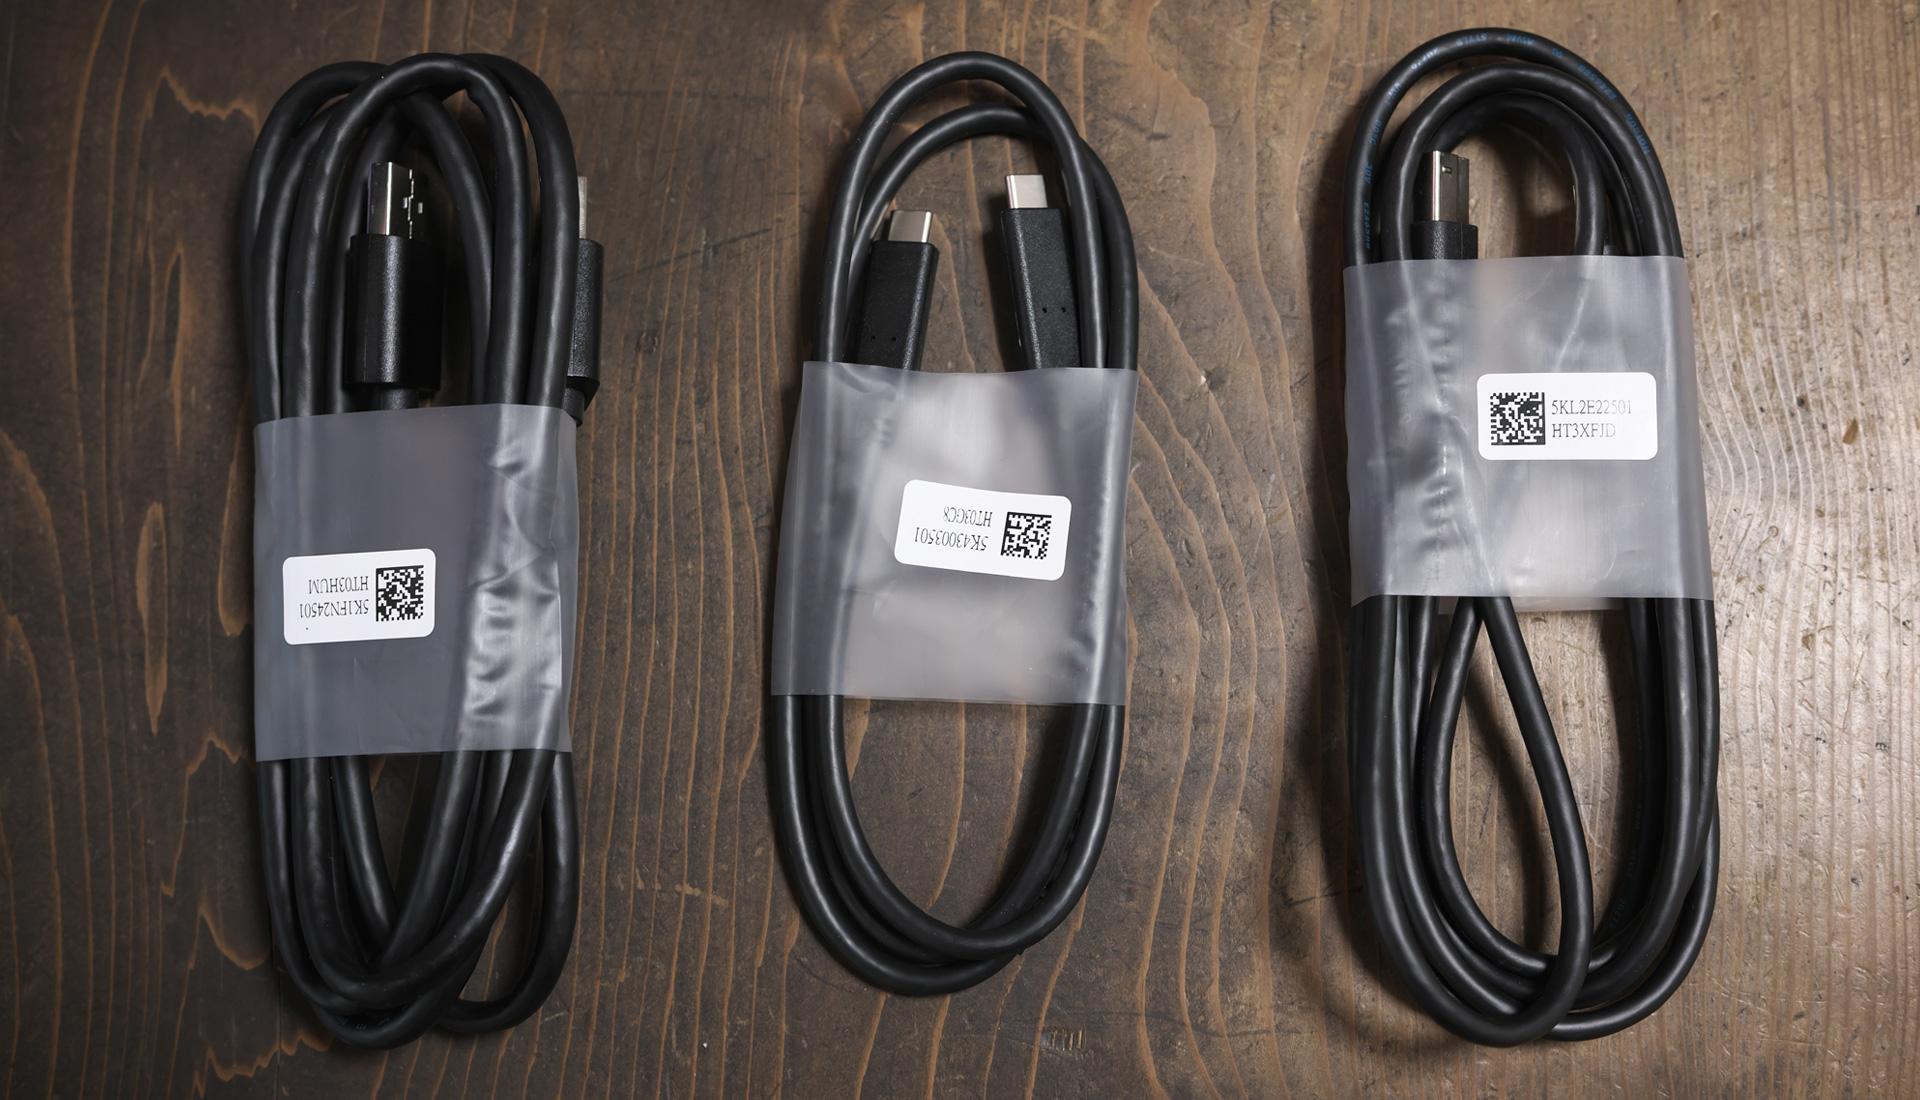 Dellモニター「U3219Q 31.5インチ 4K HDR USBーC / IPS」の付属品(コード・USB-Cケーブル類)